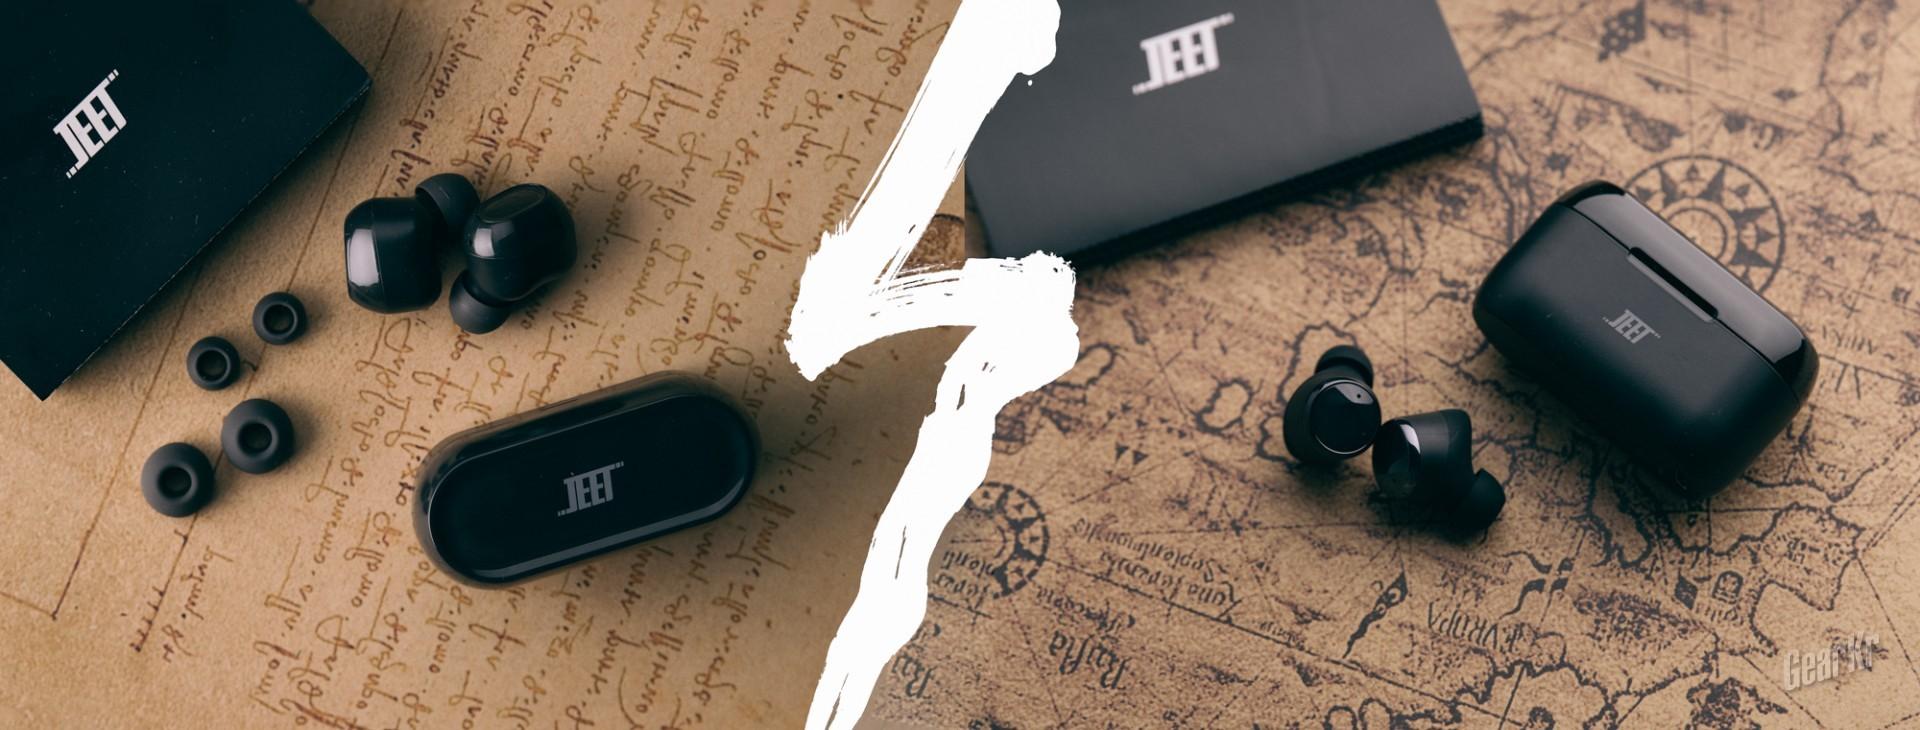 10小时超持久-这谁顶得住 JEET Air Plus蓝牙耳机(新老款对比评测)